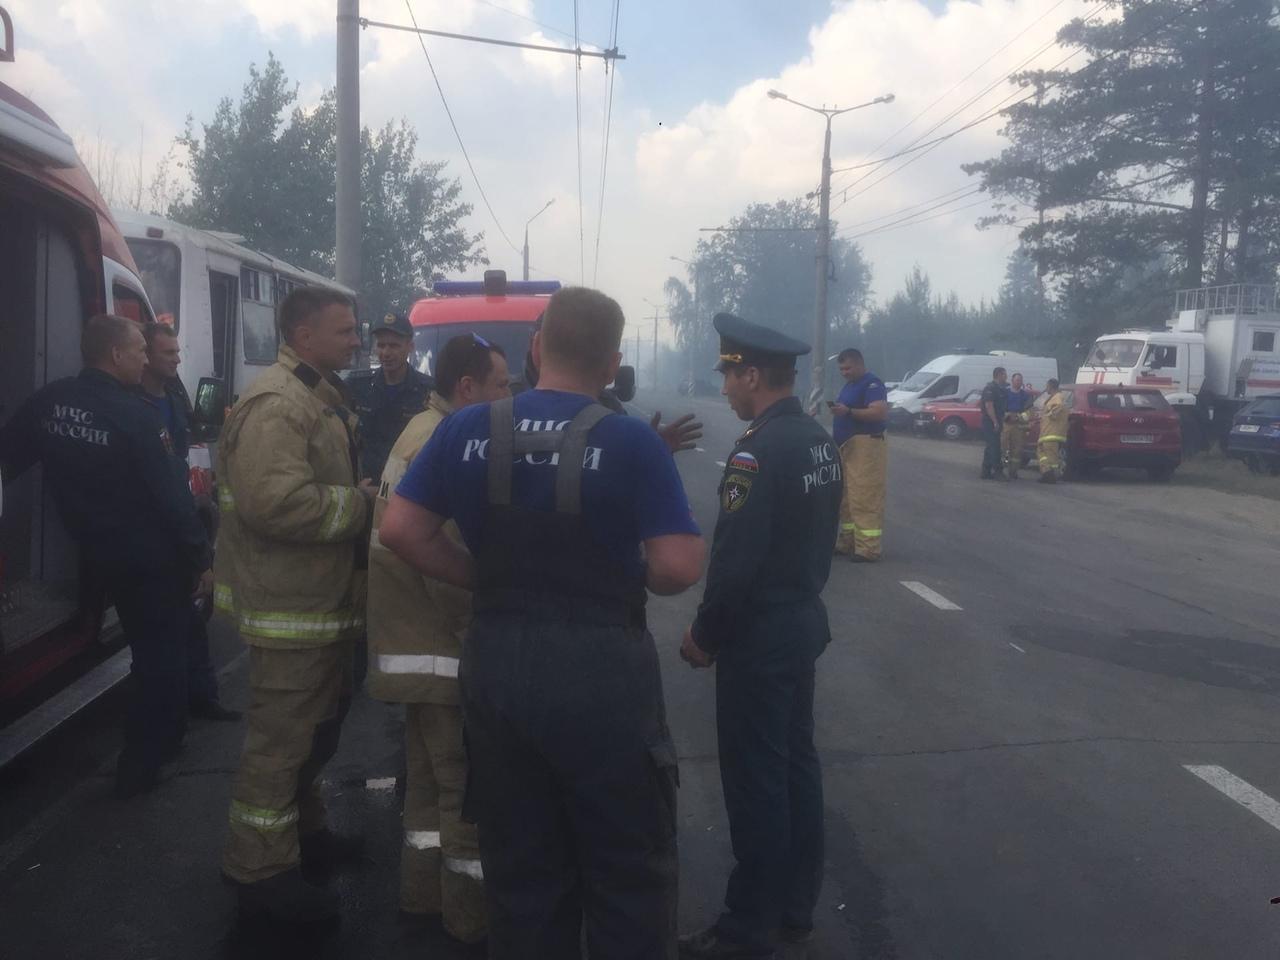 Добровольцев попросили не приближаться к пожару в Тольятти 11 июля 2021 года